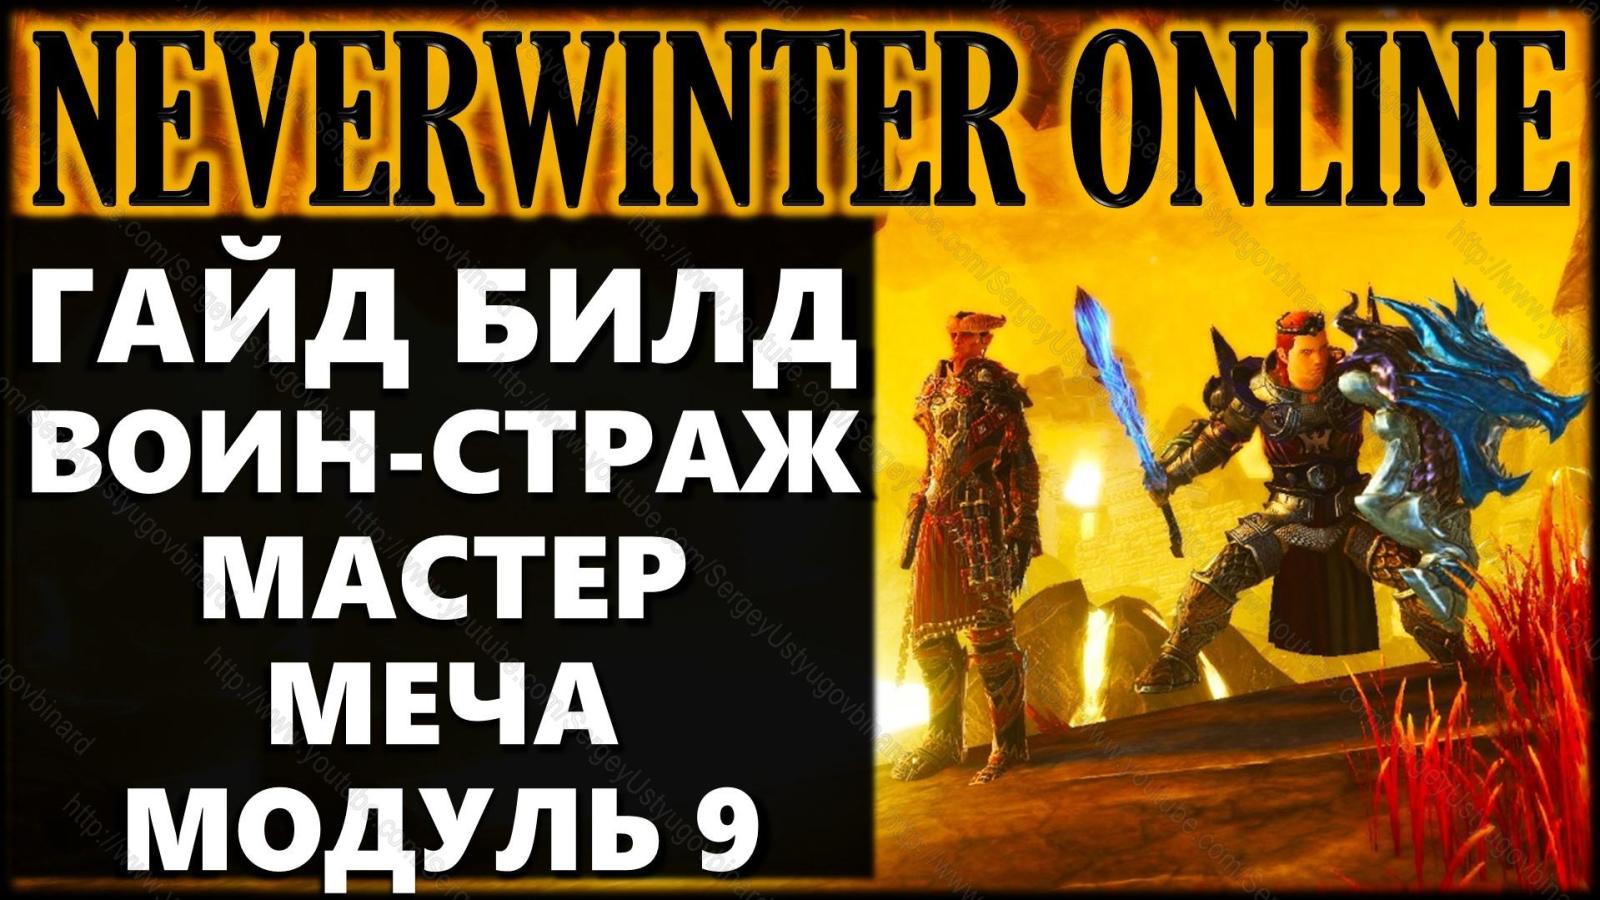 Воин-страж мастер меча билд Модуль 9